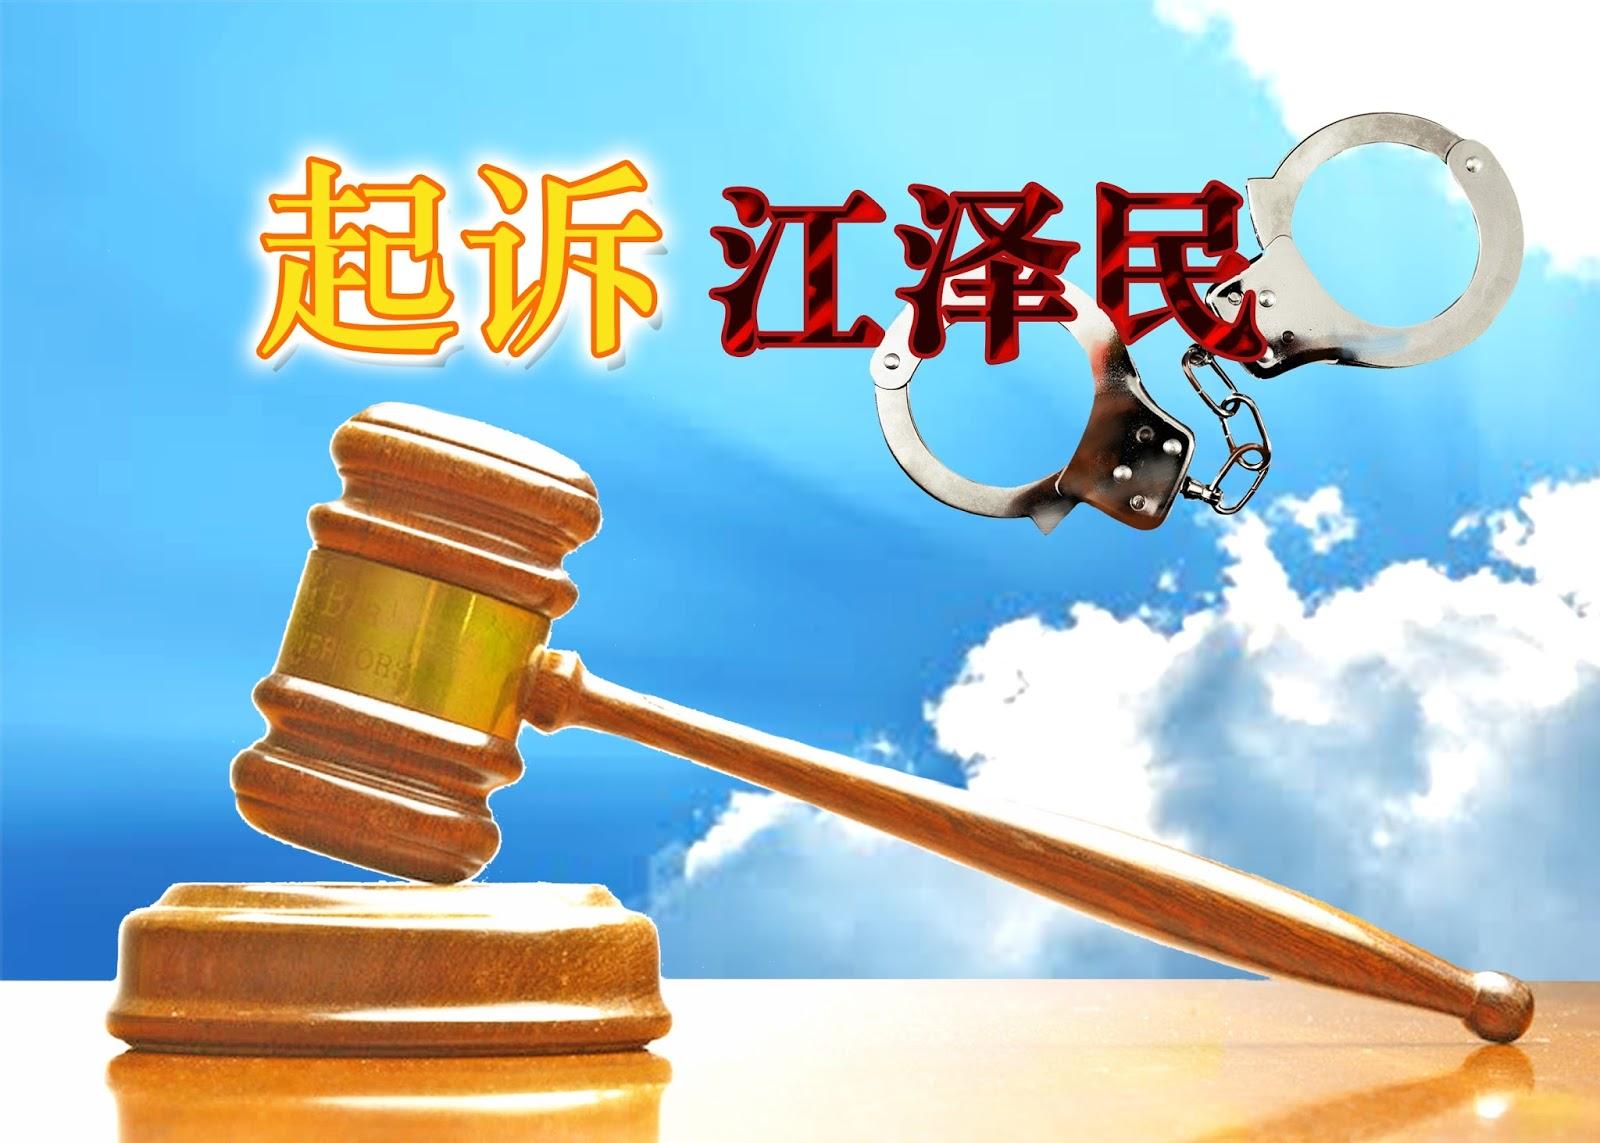 據統計,已有超過20萬的法輪功學員、家屬,向最高法院和最高檢察院郵寄訴狀,控告元兇江澤民等對法輪功的殘酷迫害。(明慧網)